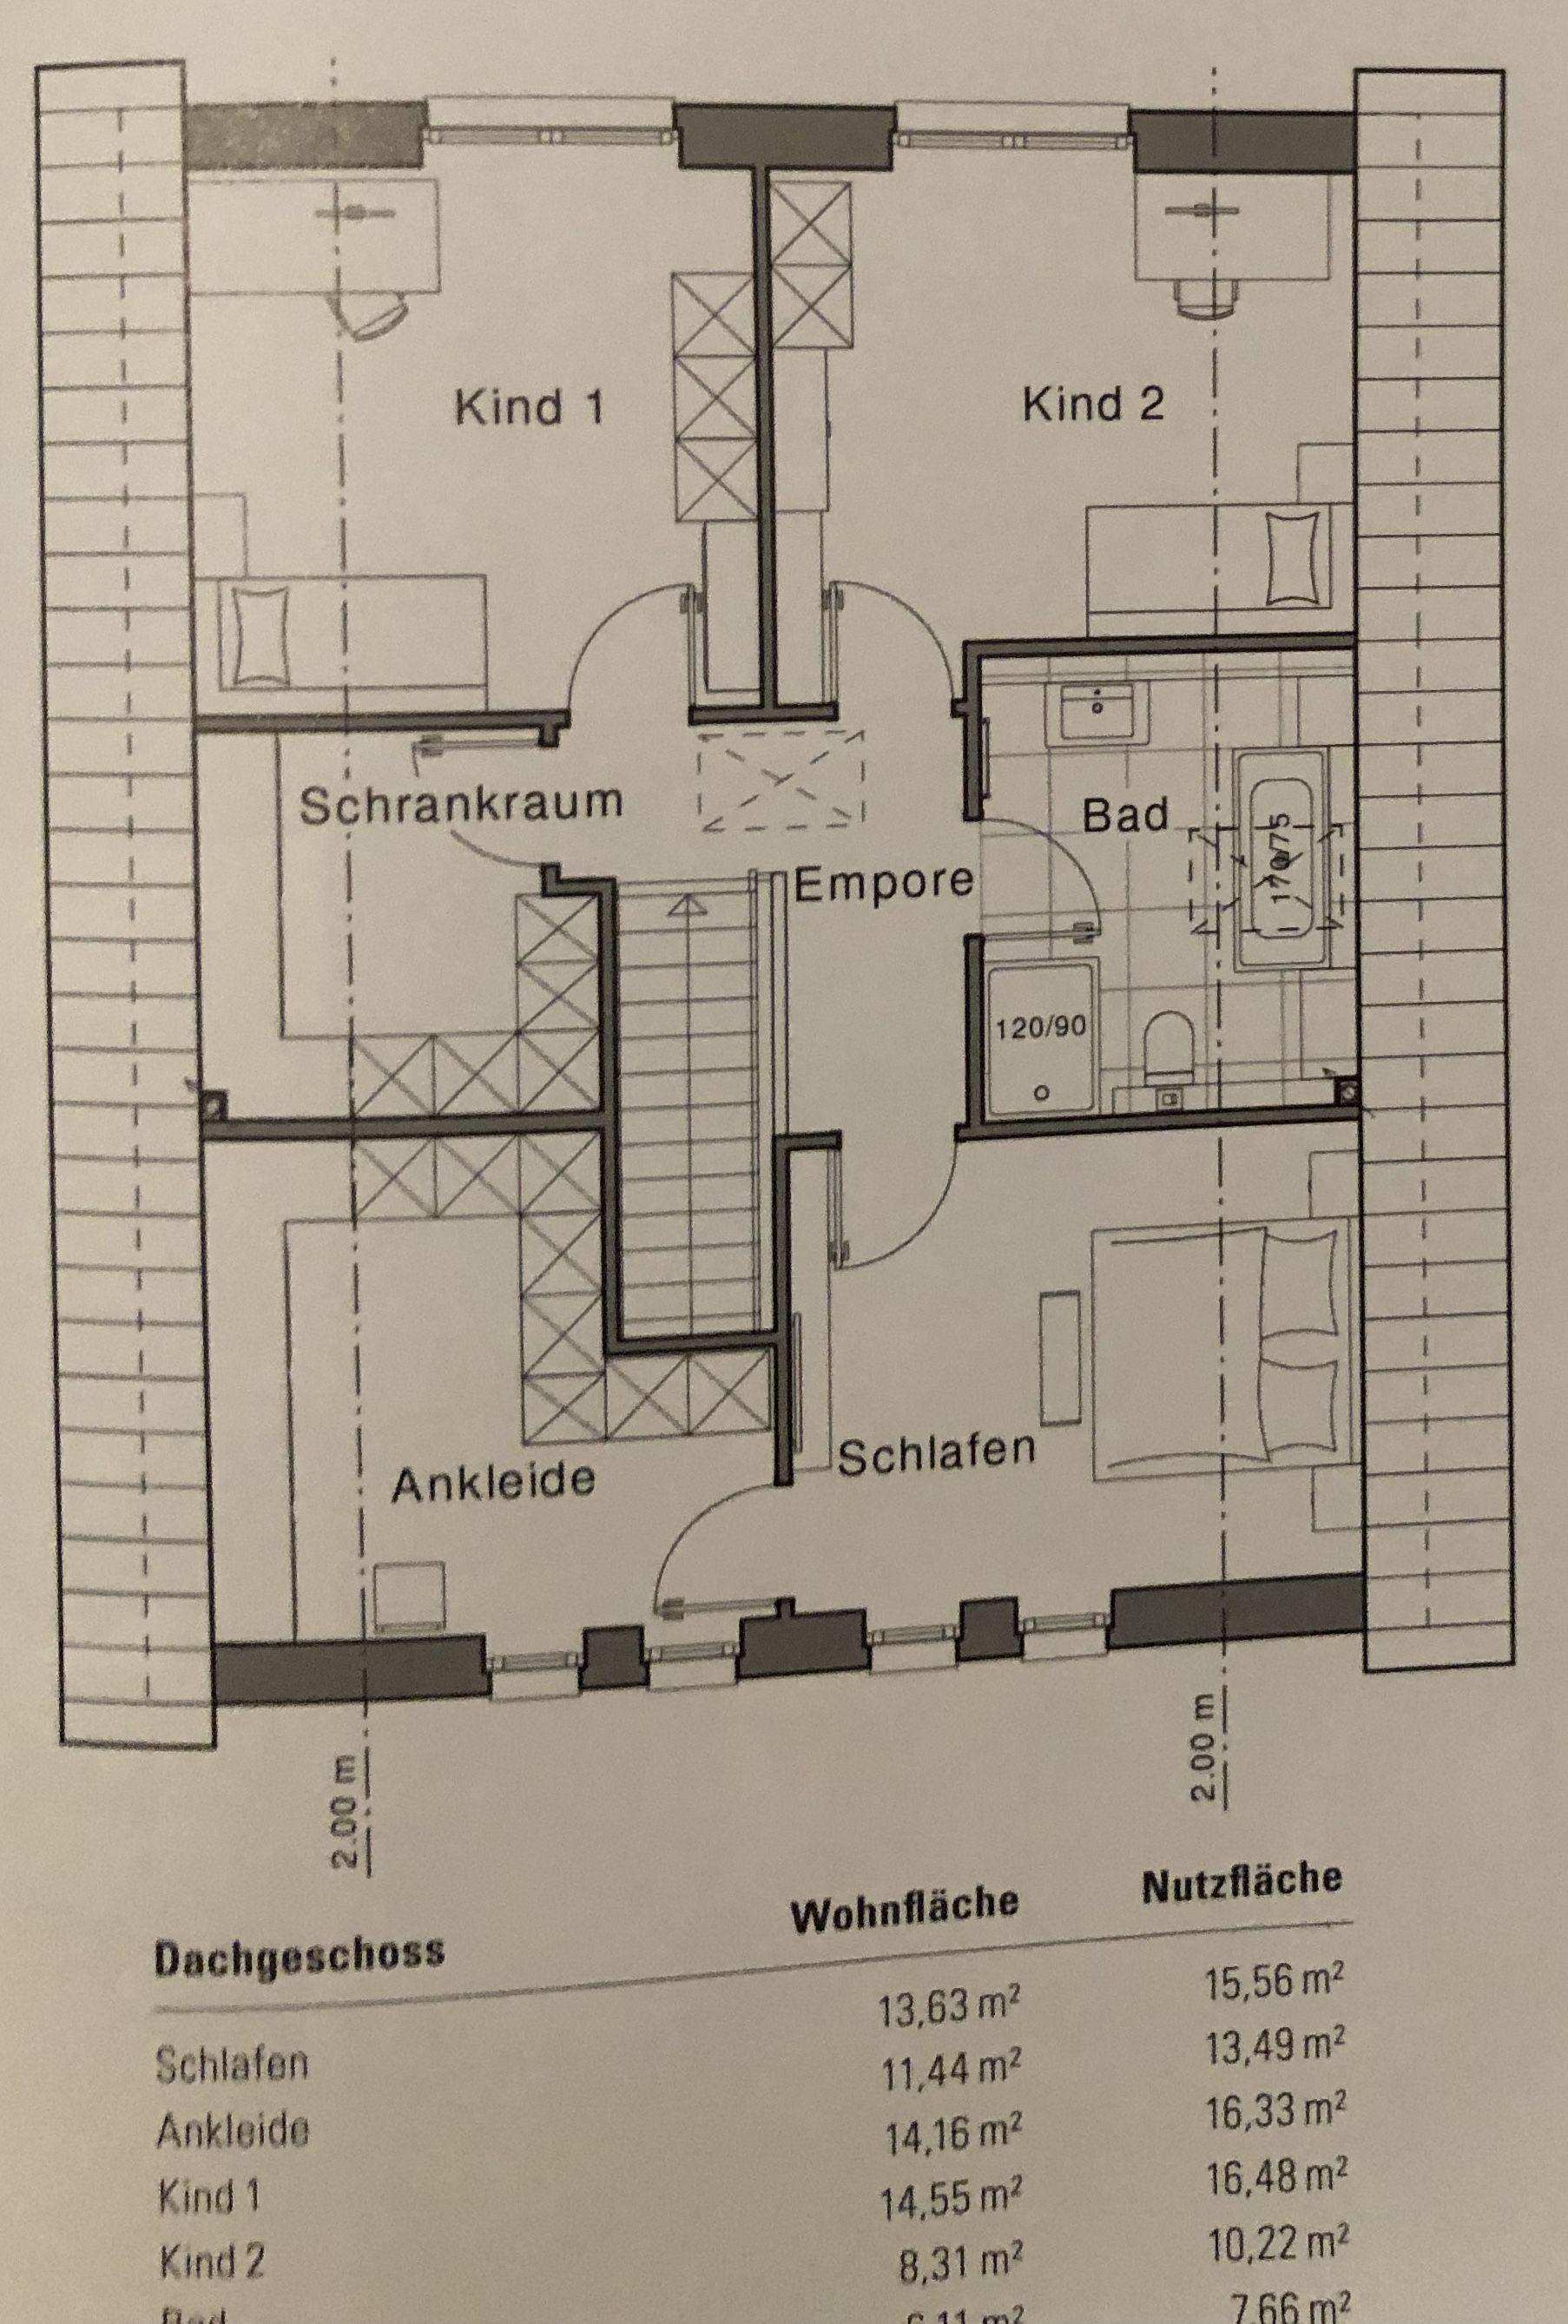 Schlafzimmer+Ankleidezimmer+Badezimmer,19 Kinderzimmer+Kinderbad